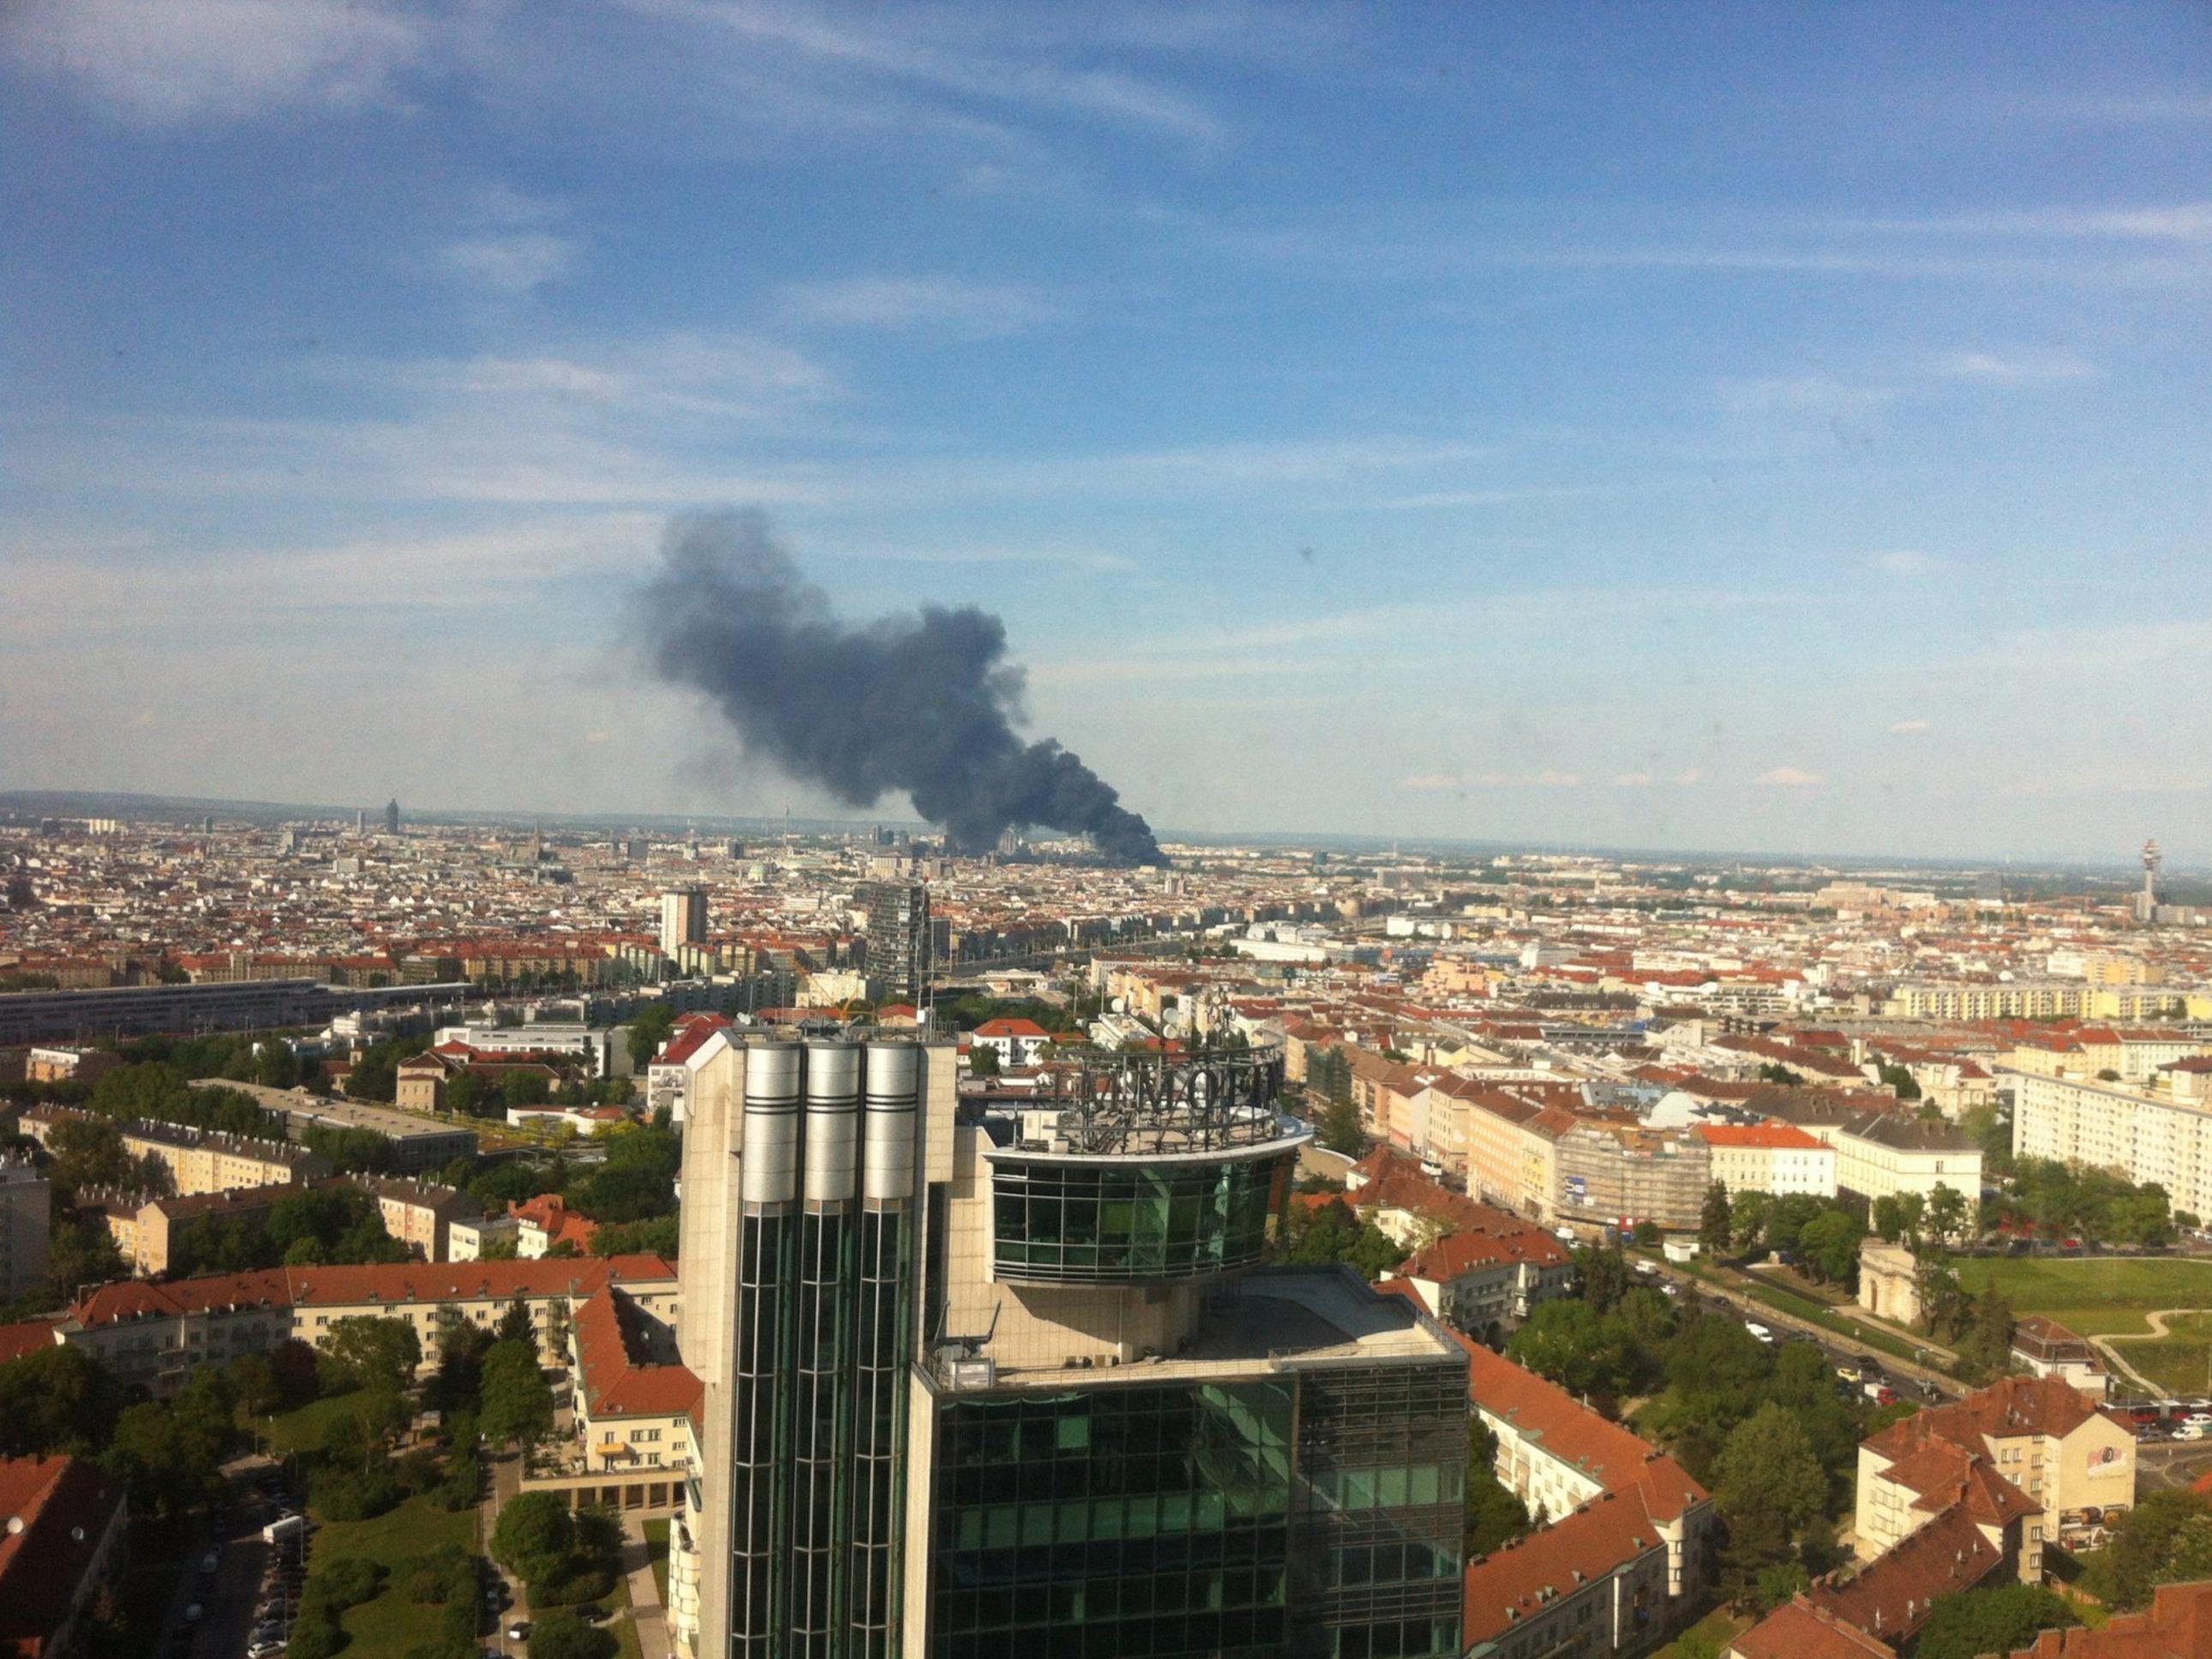 Diese Rauchsäule erhob sich am Donnerstag über dem WU-Campus in der Leopoldstadt bei einem Großbrand